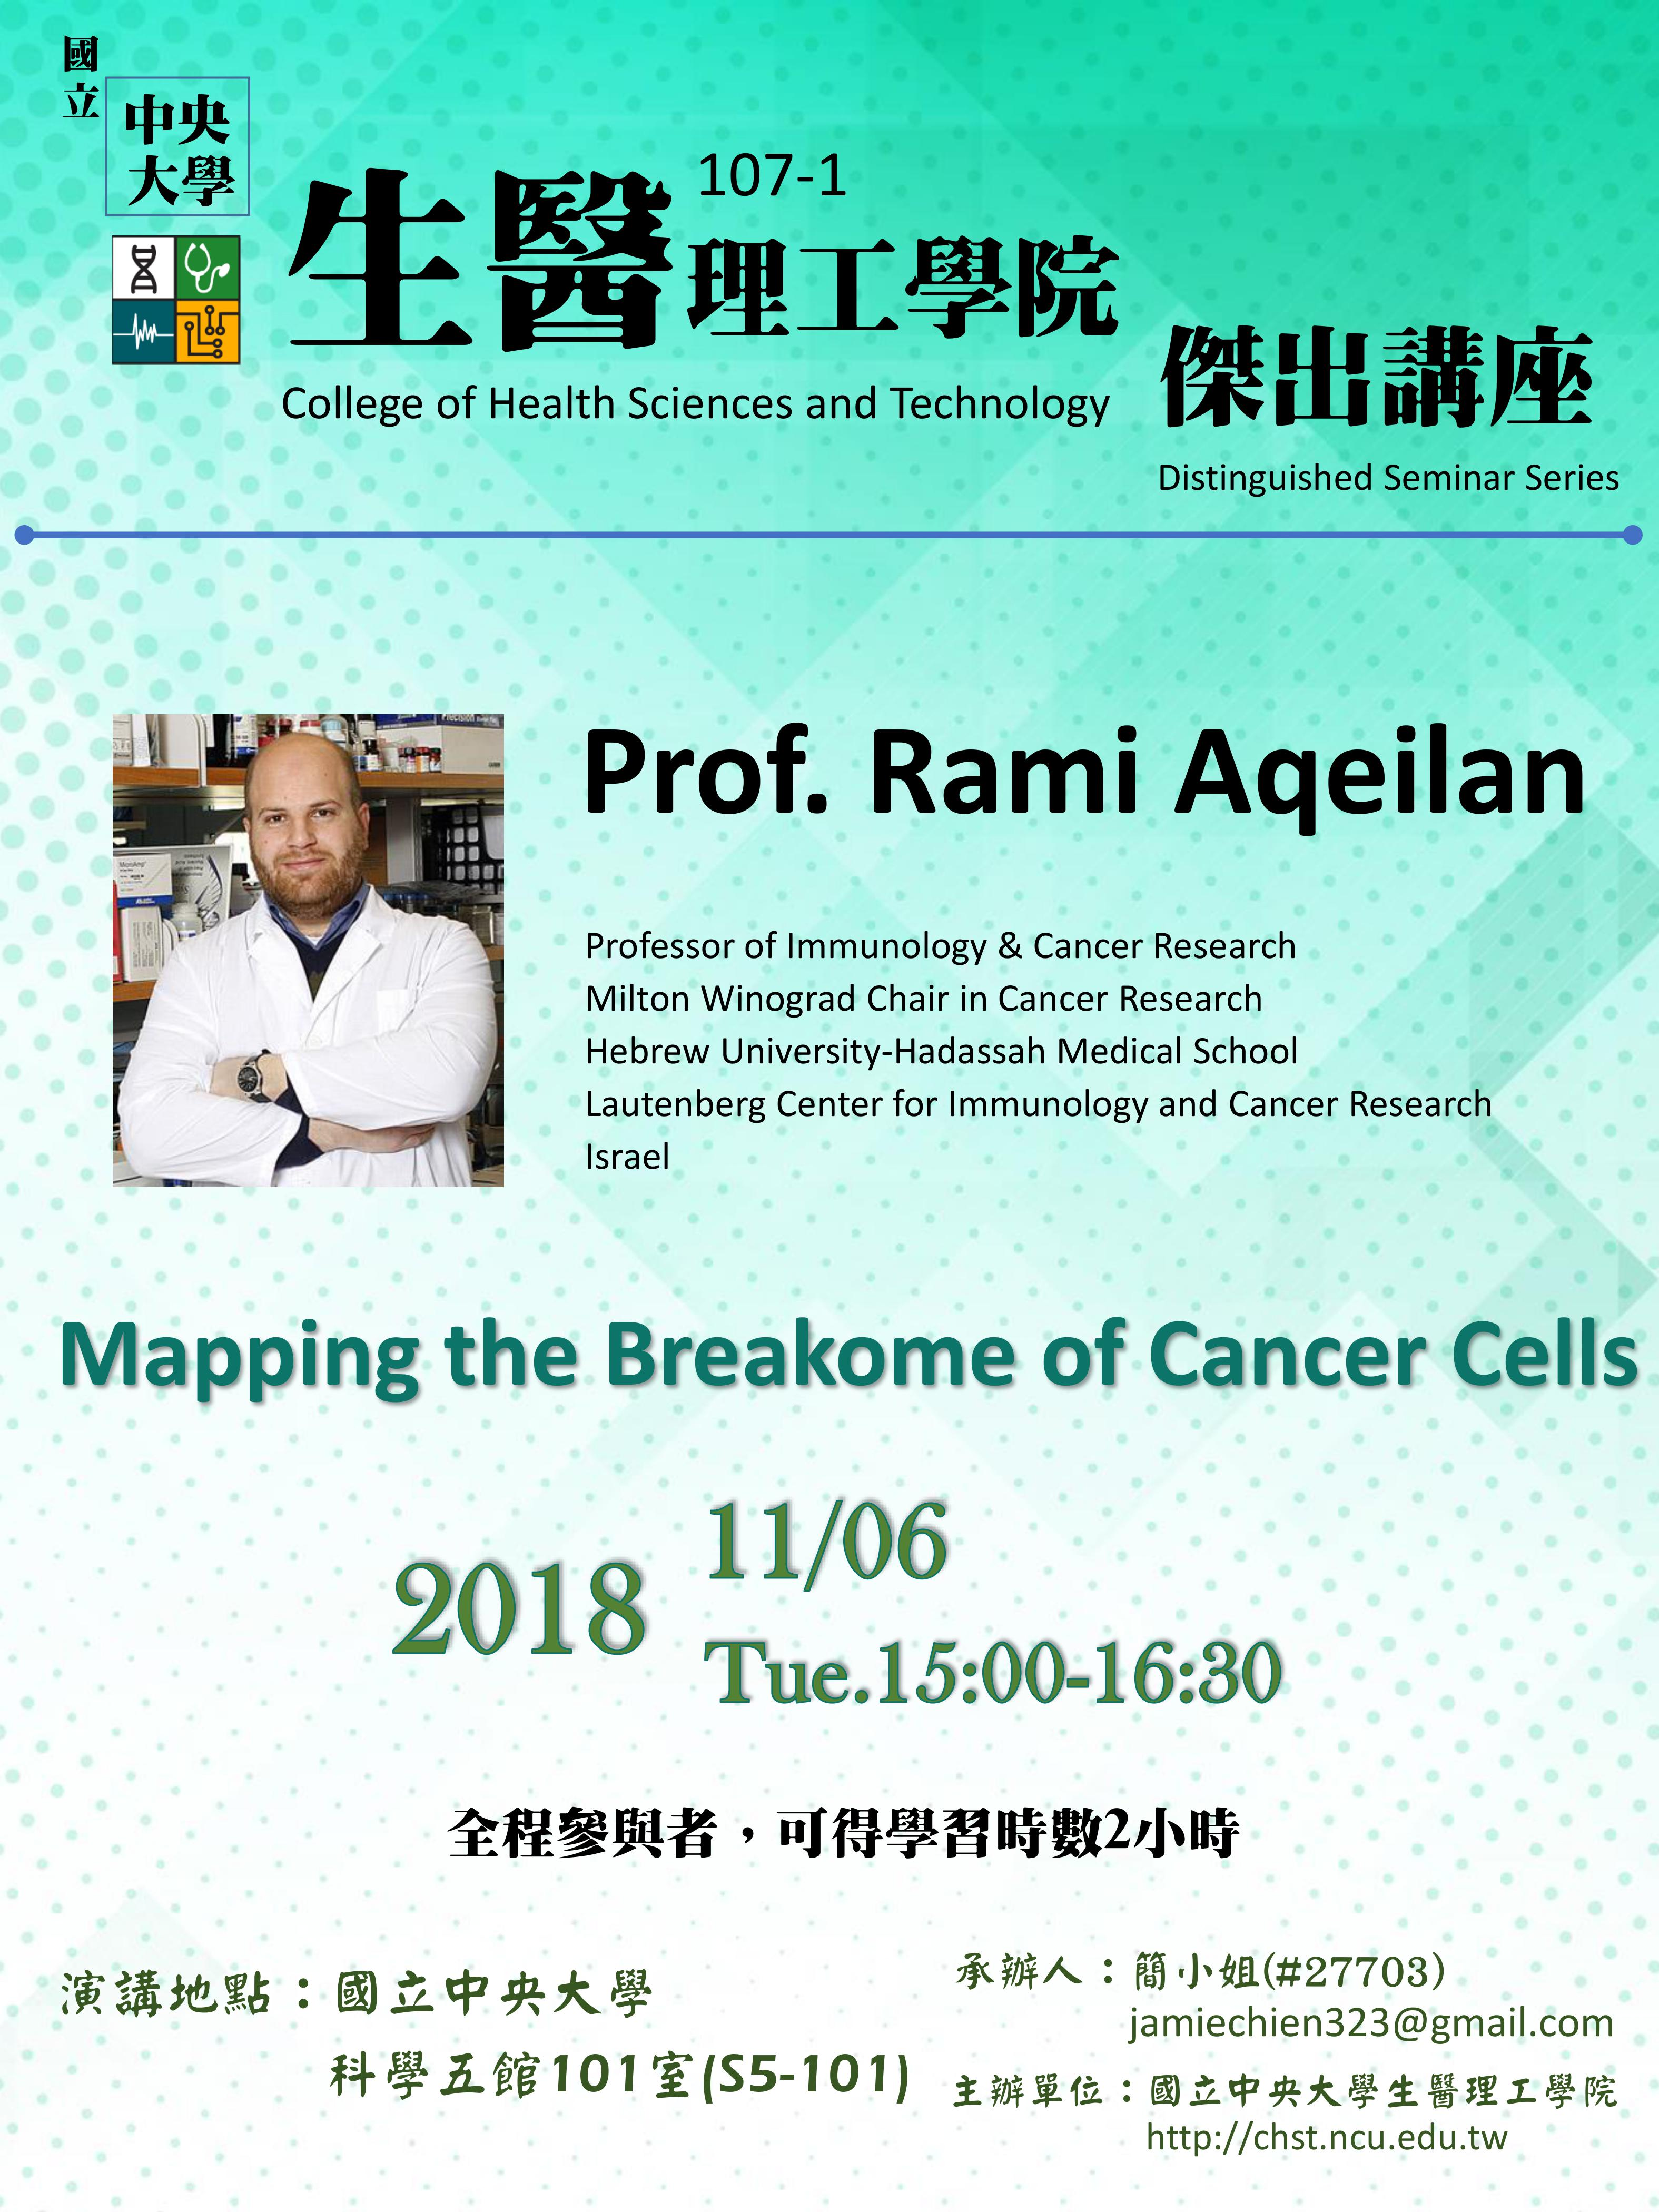 【學術演講】Prof.  Rami Aqeilan演講公告